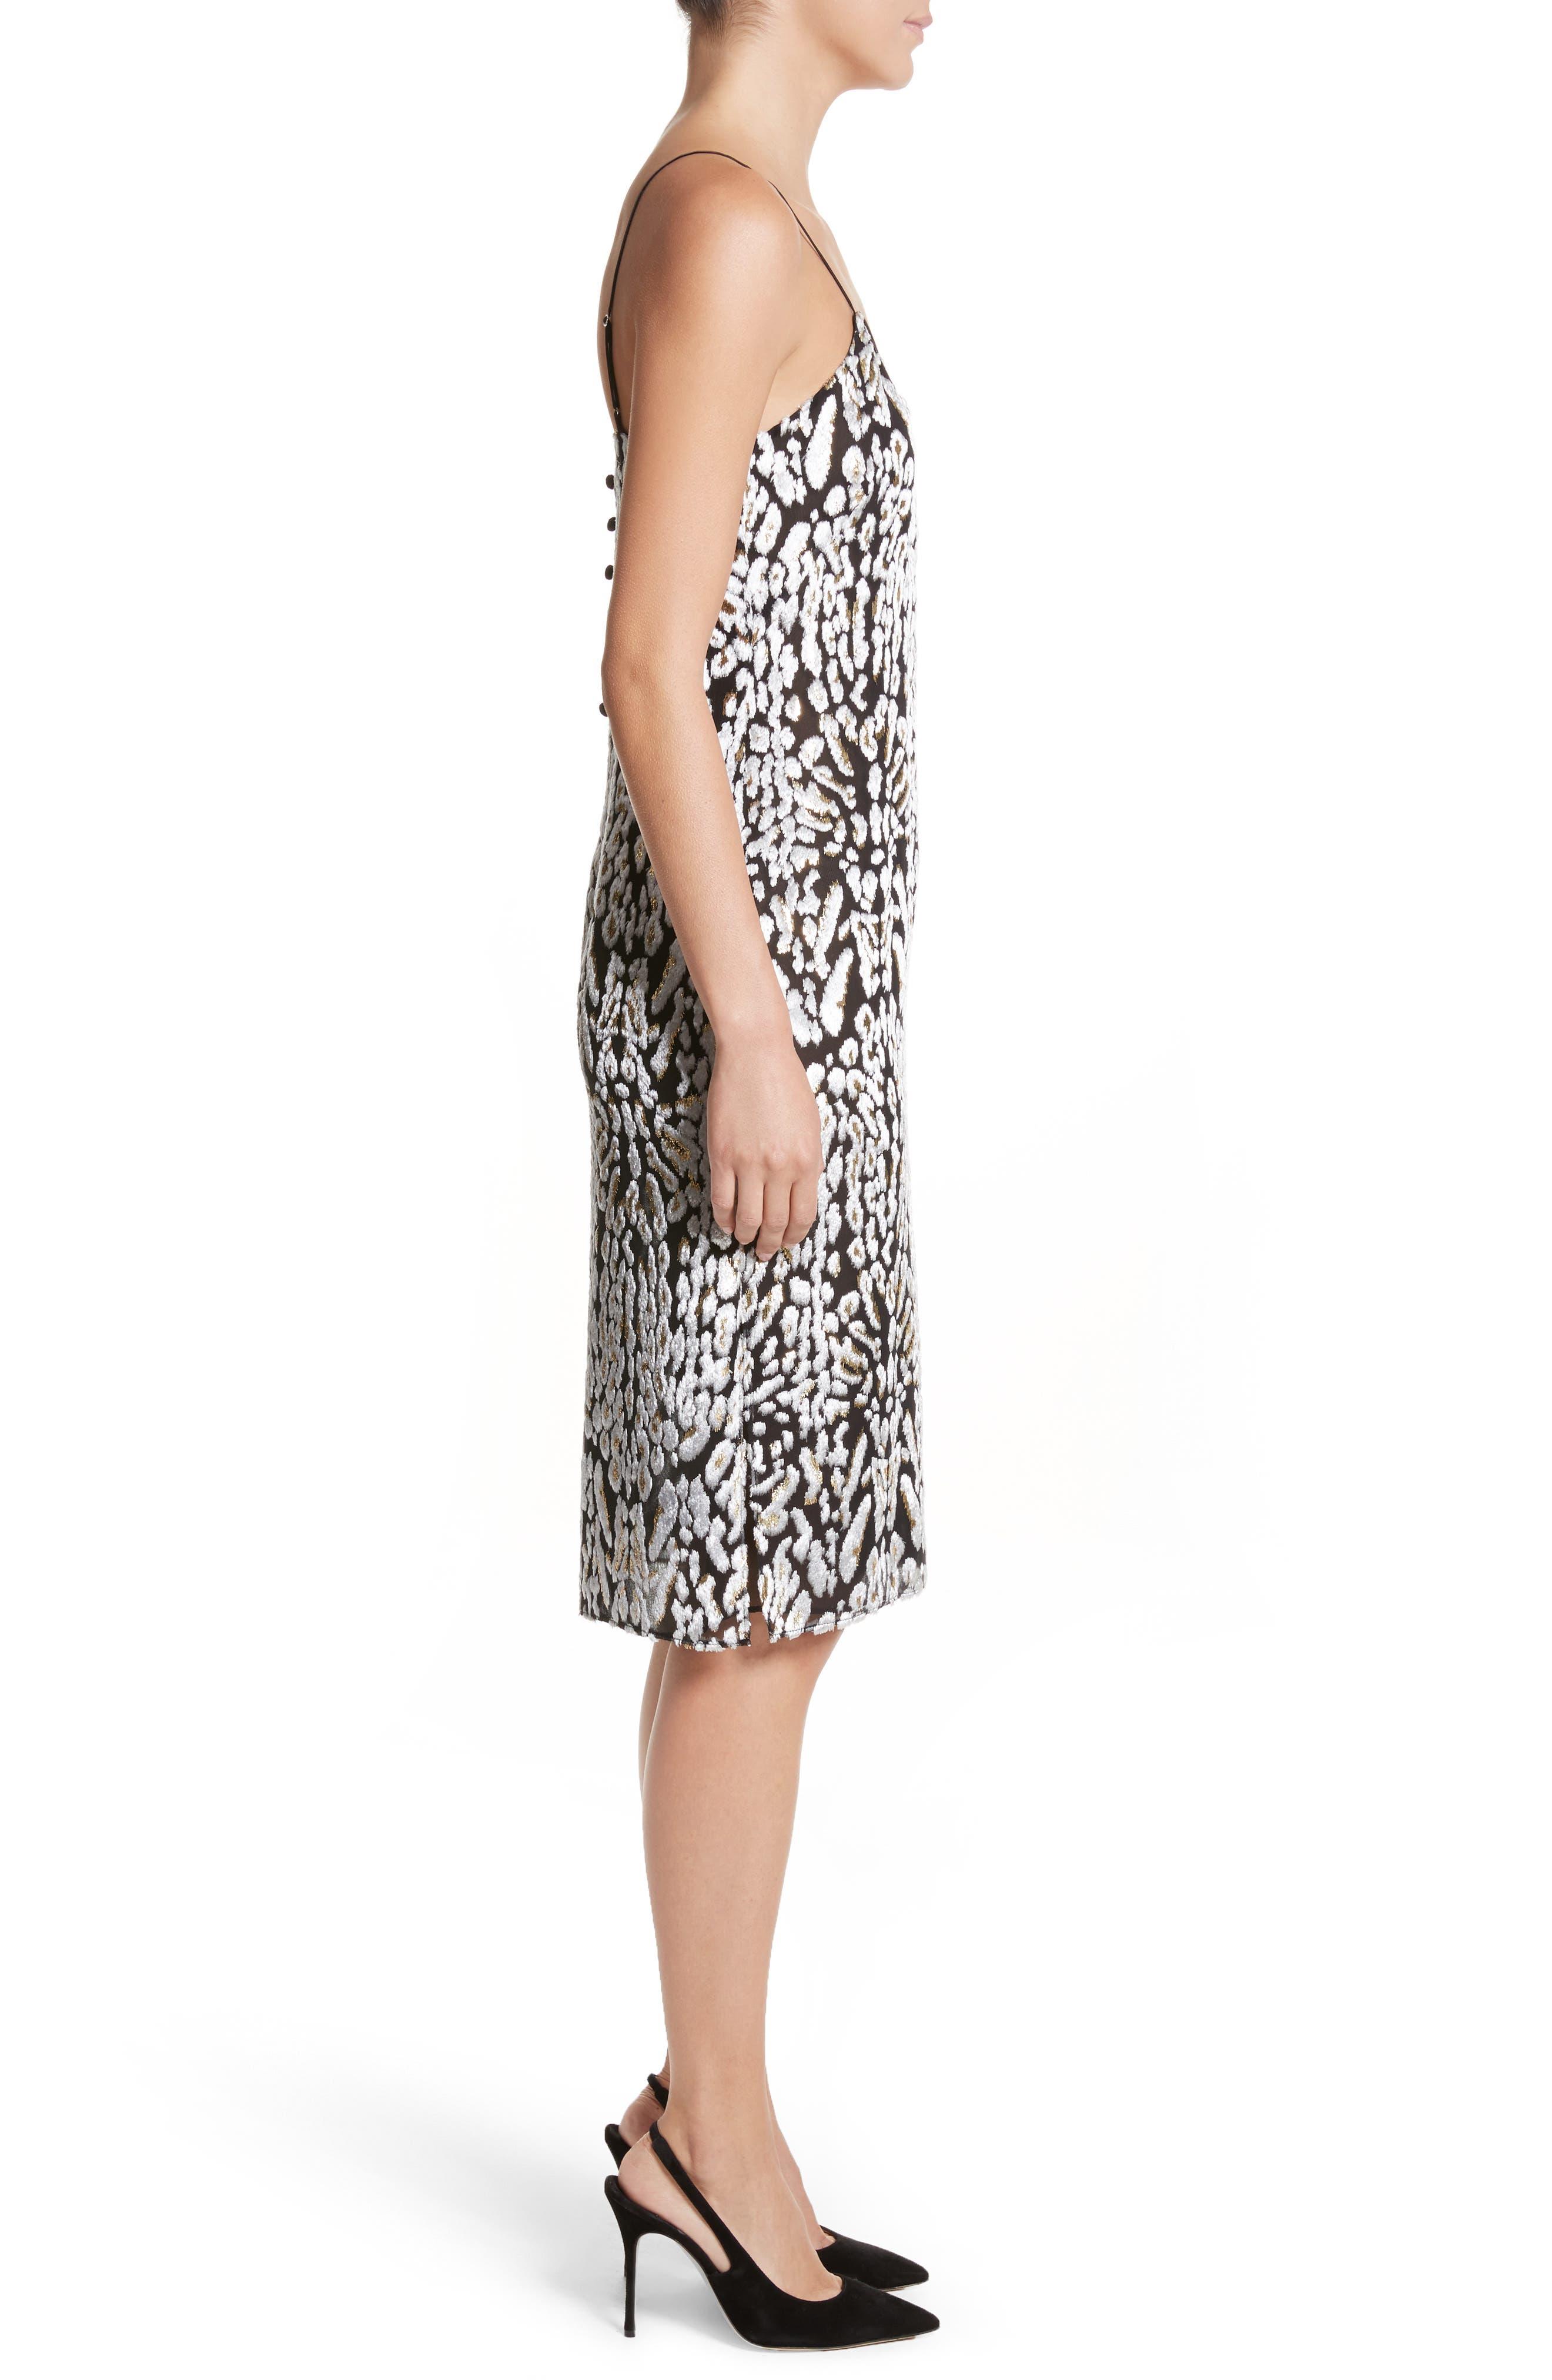 Ocelot Velvet Jacquard Dress,                             Alternate thumbnail 3, color,                             Black/ Ivory/ Gold